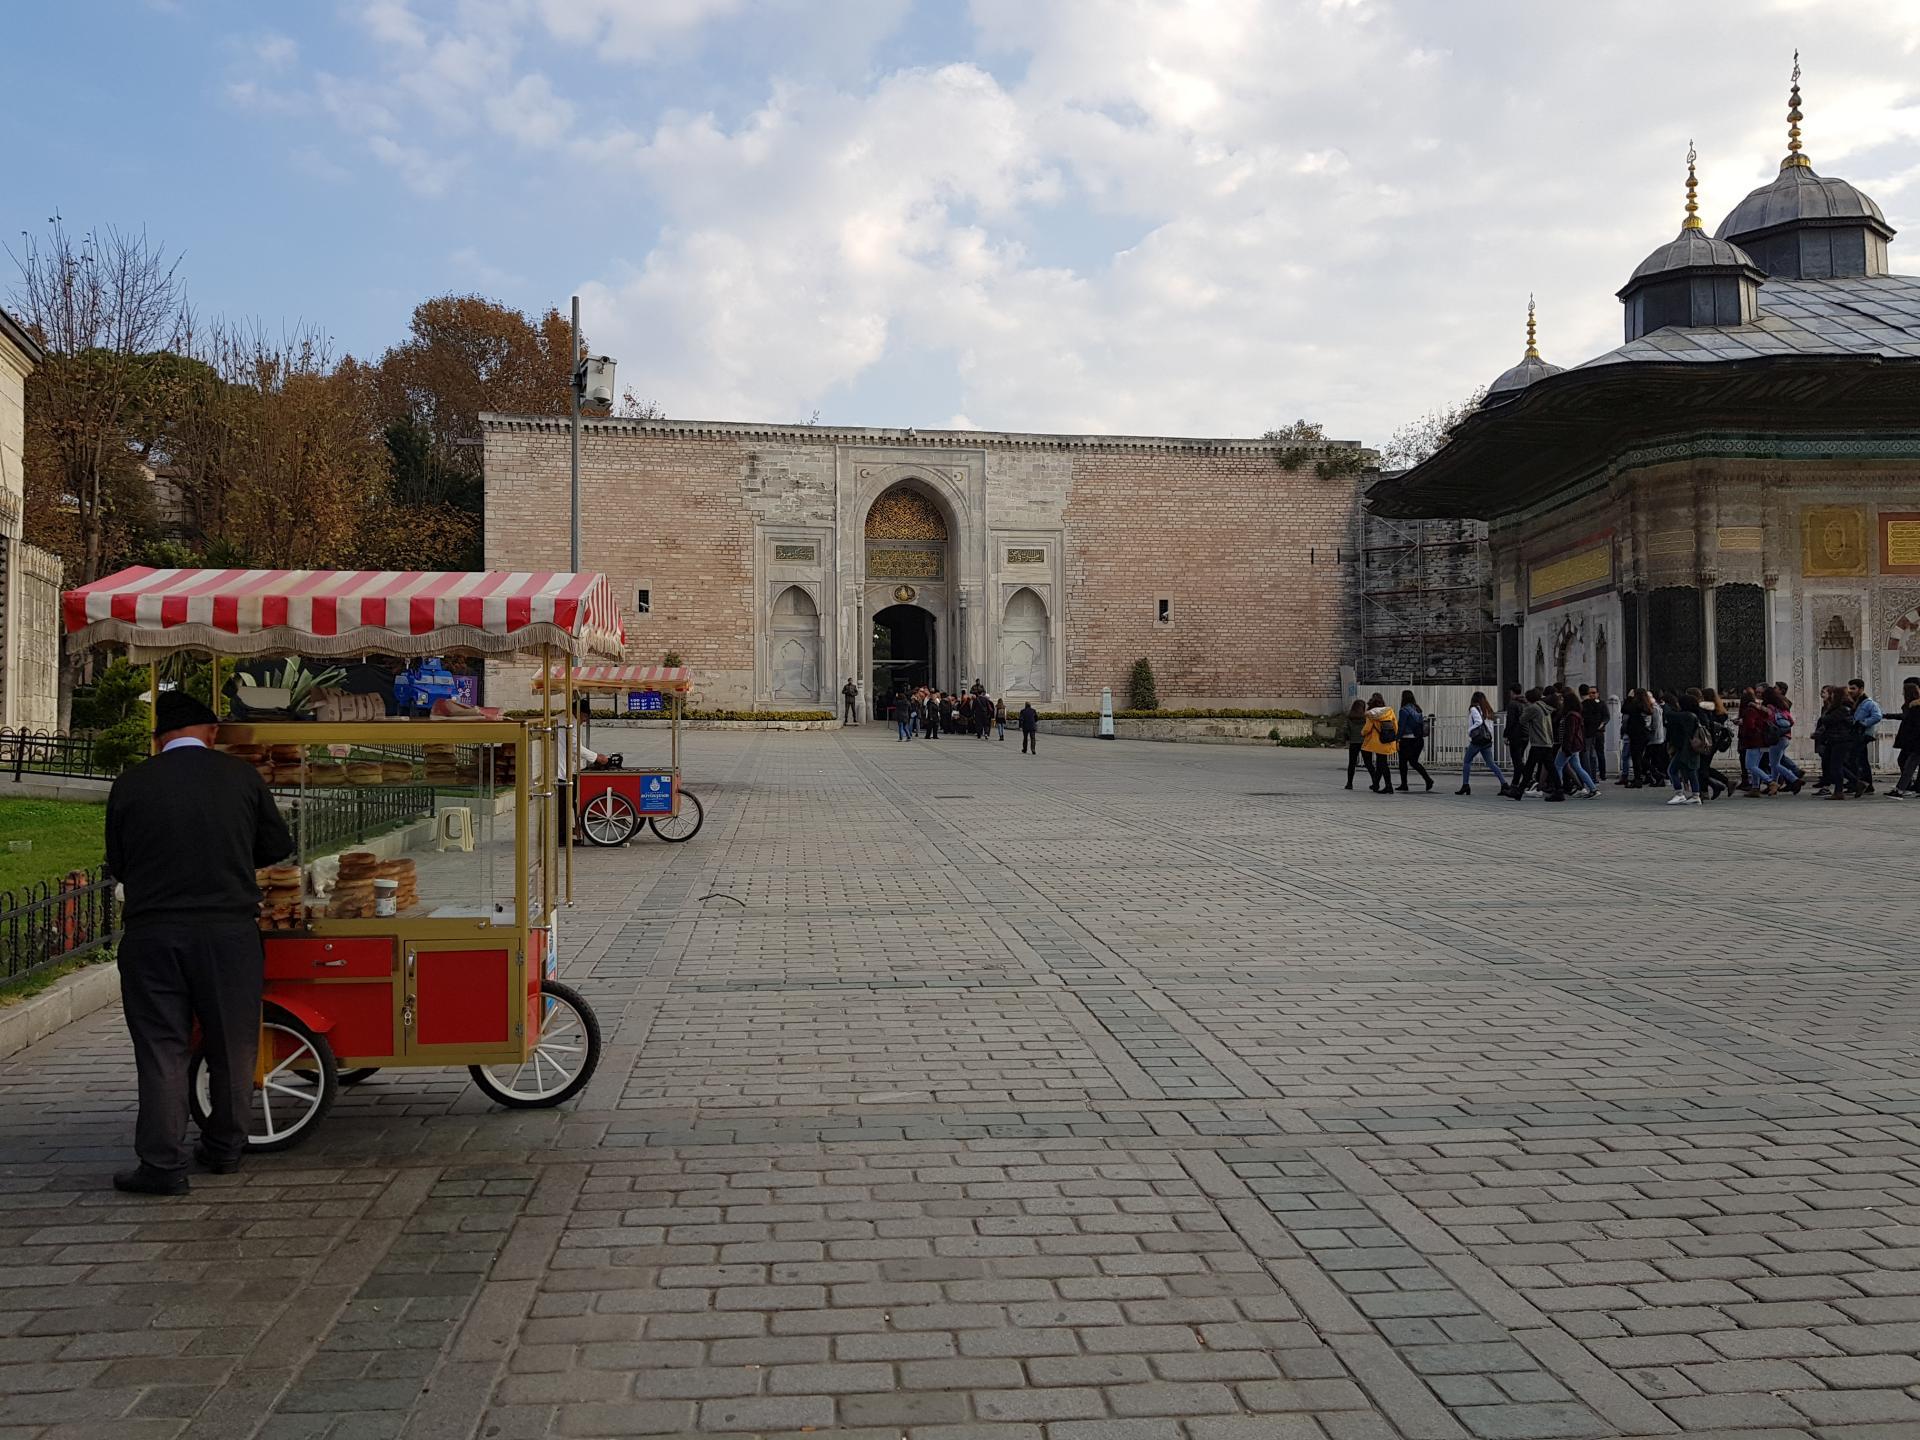 Площадь перед дворцом Топкапы